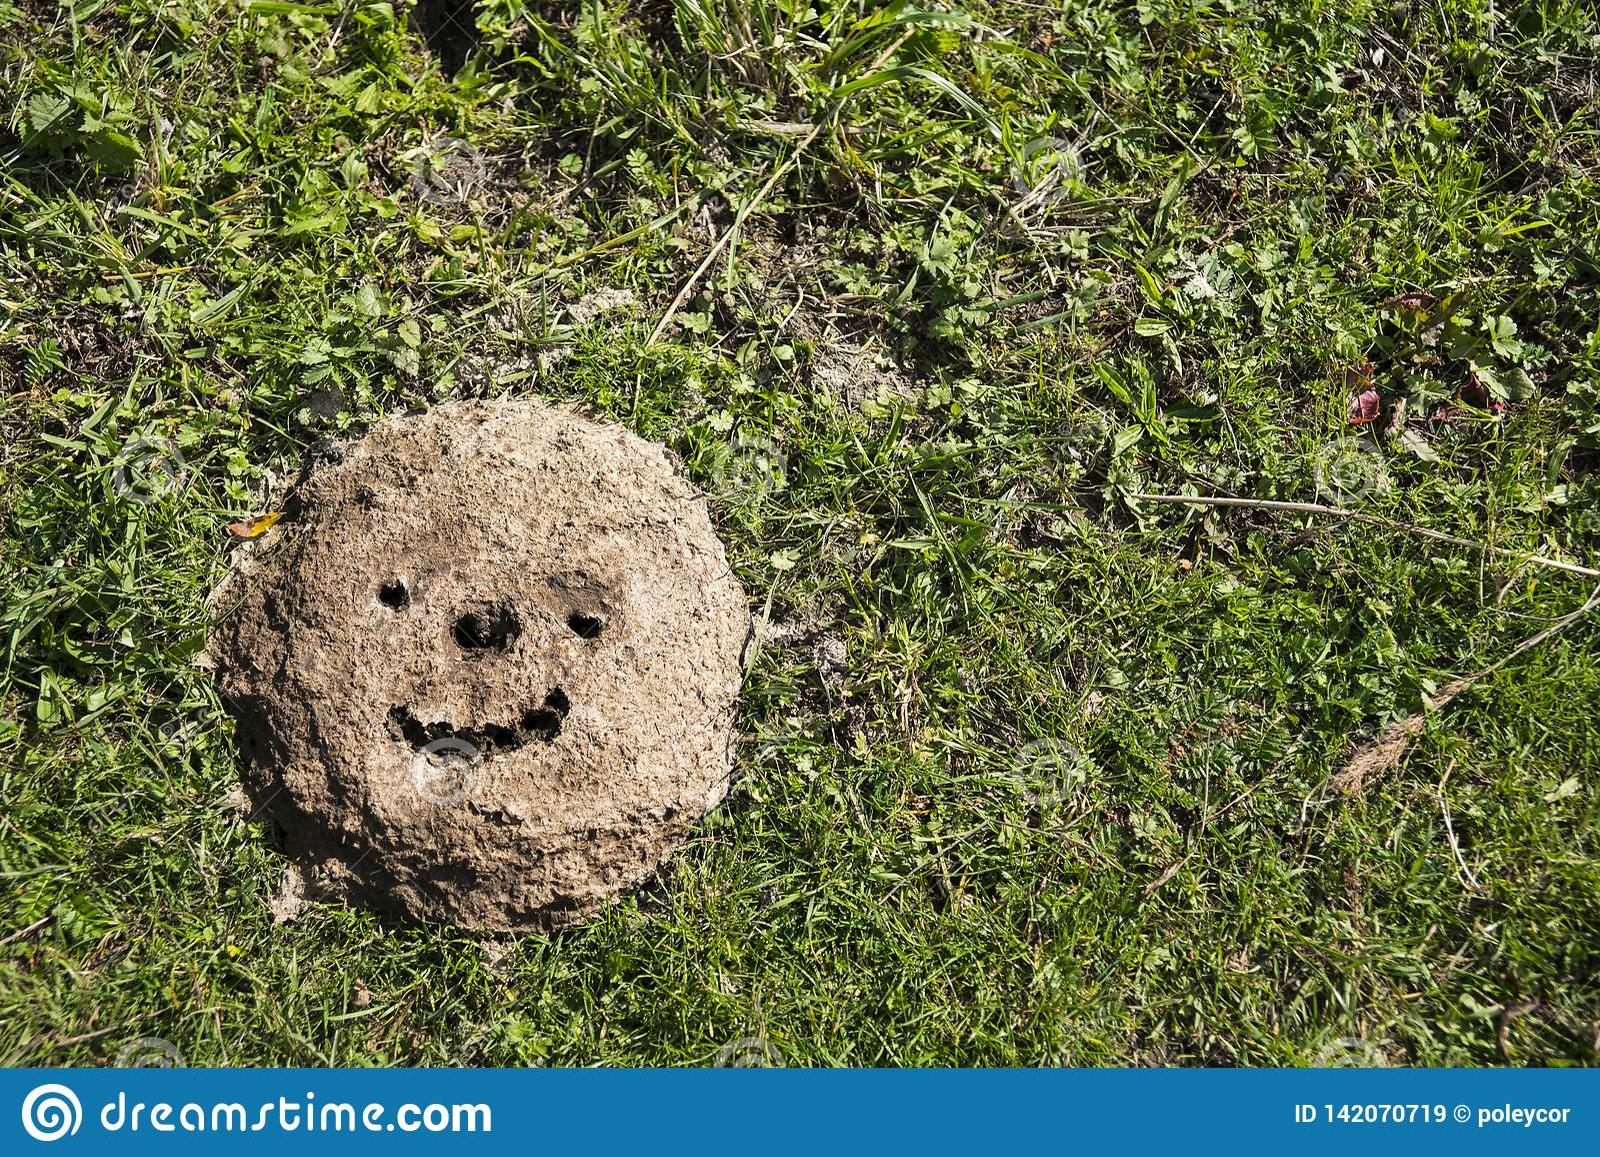 Smiley gezeichnet in Kuhfladen auf Feld